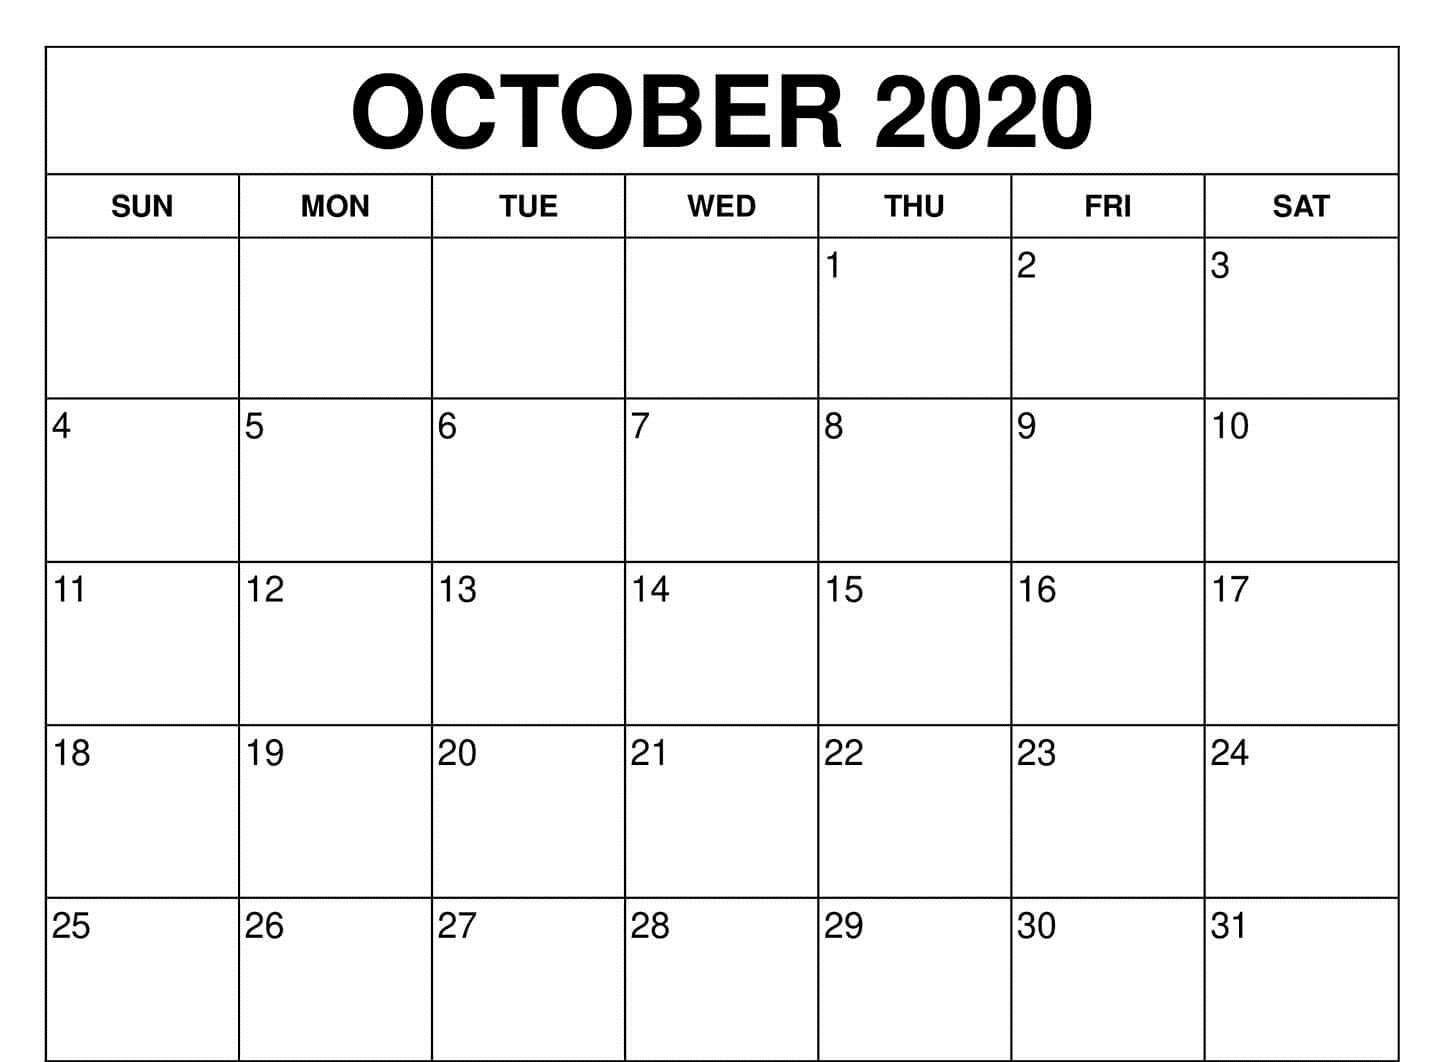 Fillable Calendar For October 2020 Printable Editable Fillable Blank Calendar Template